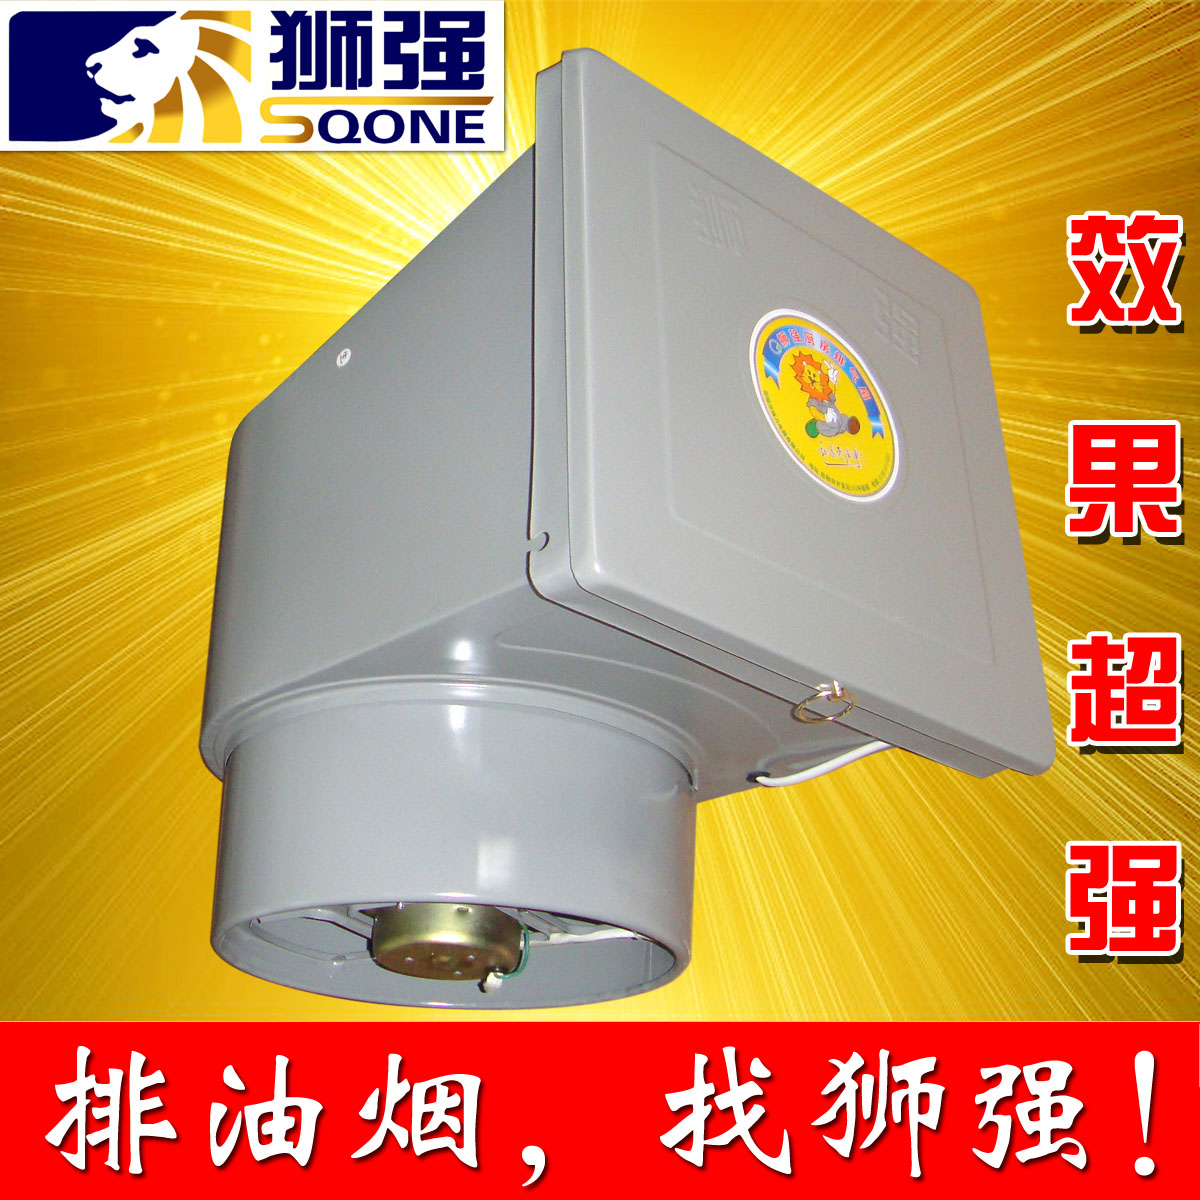 Kitchen range hood exhaust fan silent window exhaust fan for 10 inch window exhaust fan